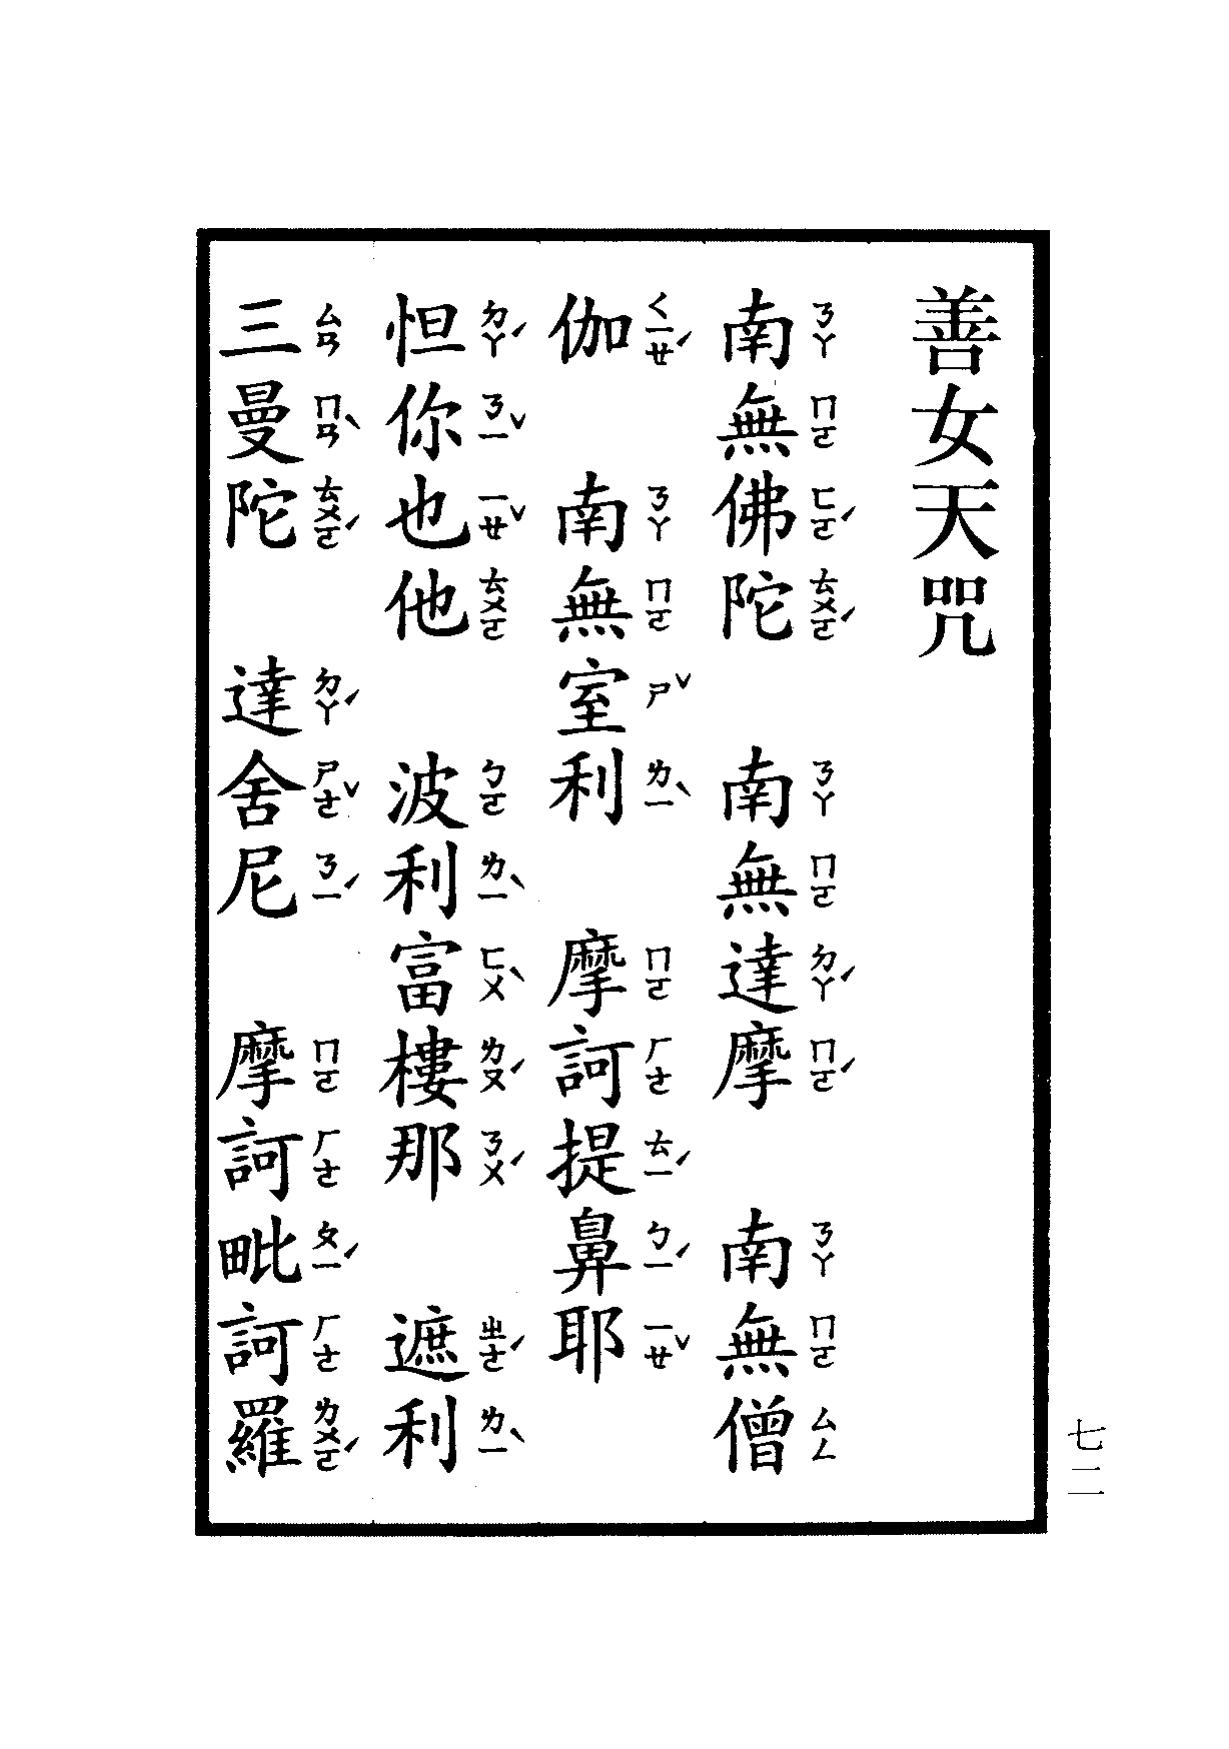 楞嚴咒-大悲咒-十小咒-易背本 78.png